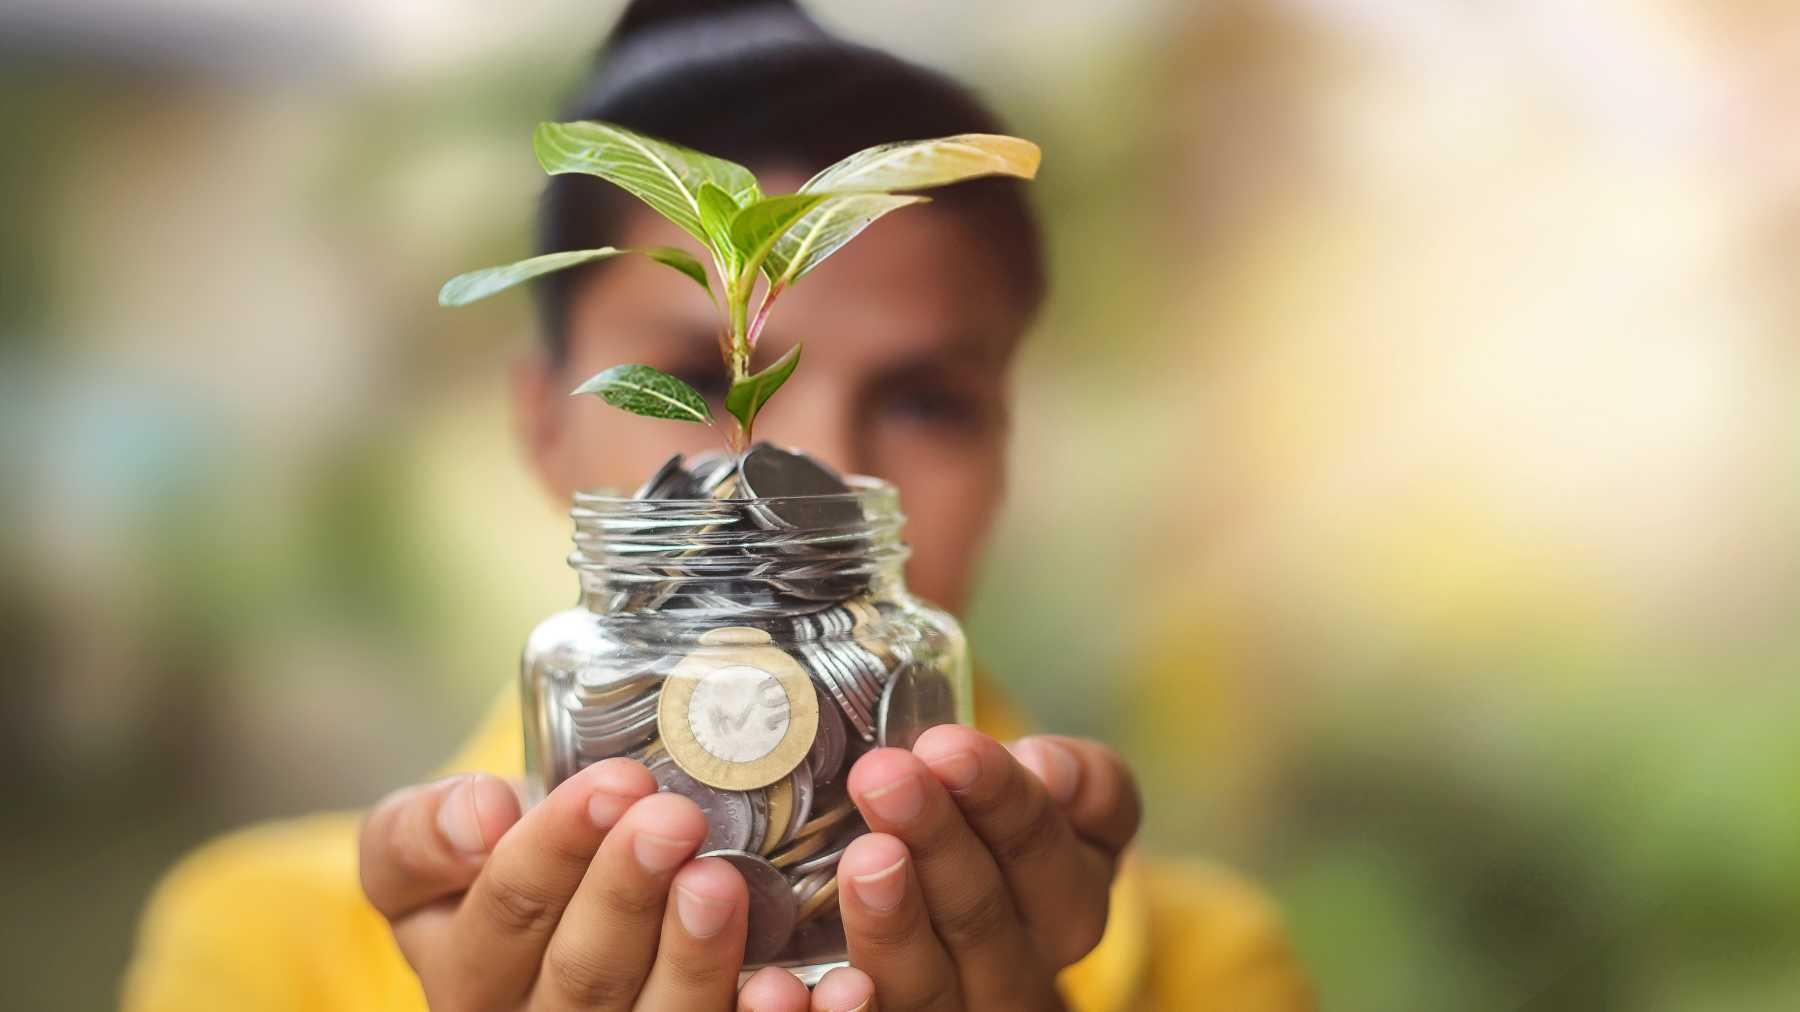 Rituales Con Plantas Para Atraer El Dinero Y El Amor Mamaslatinas Com